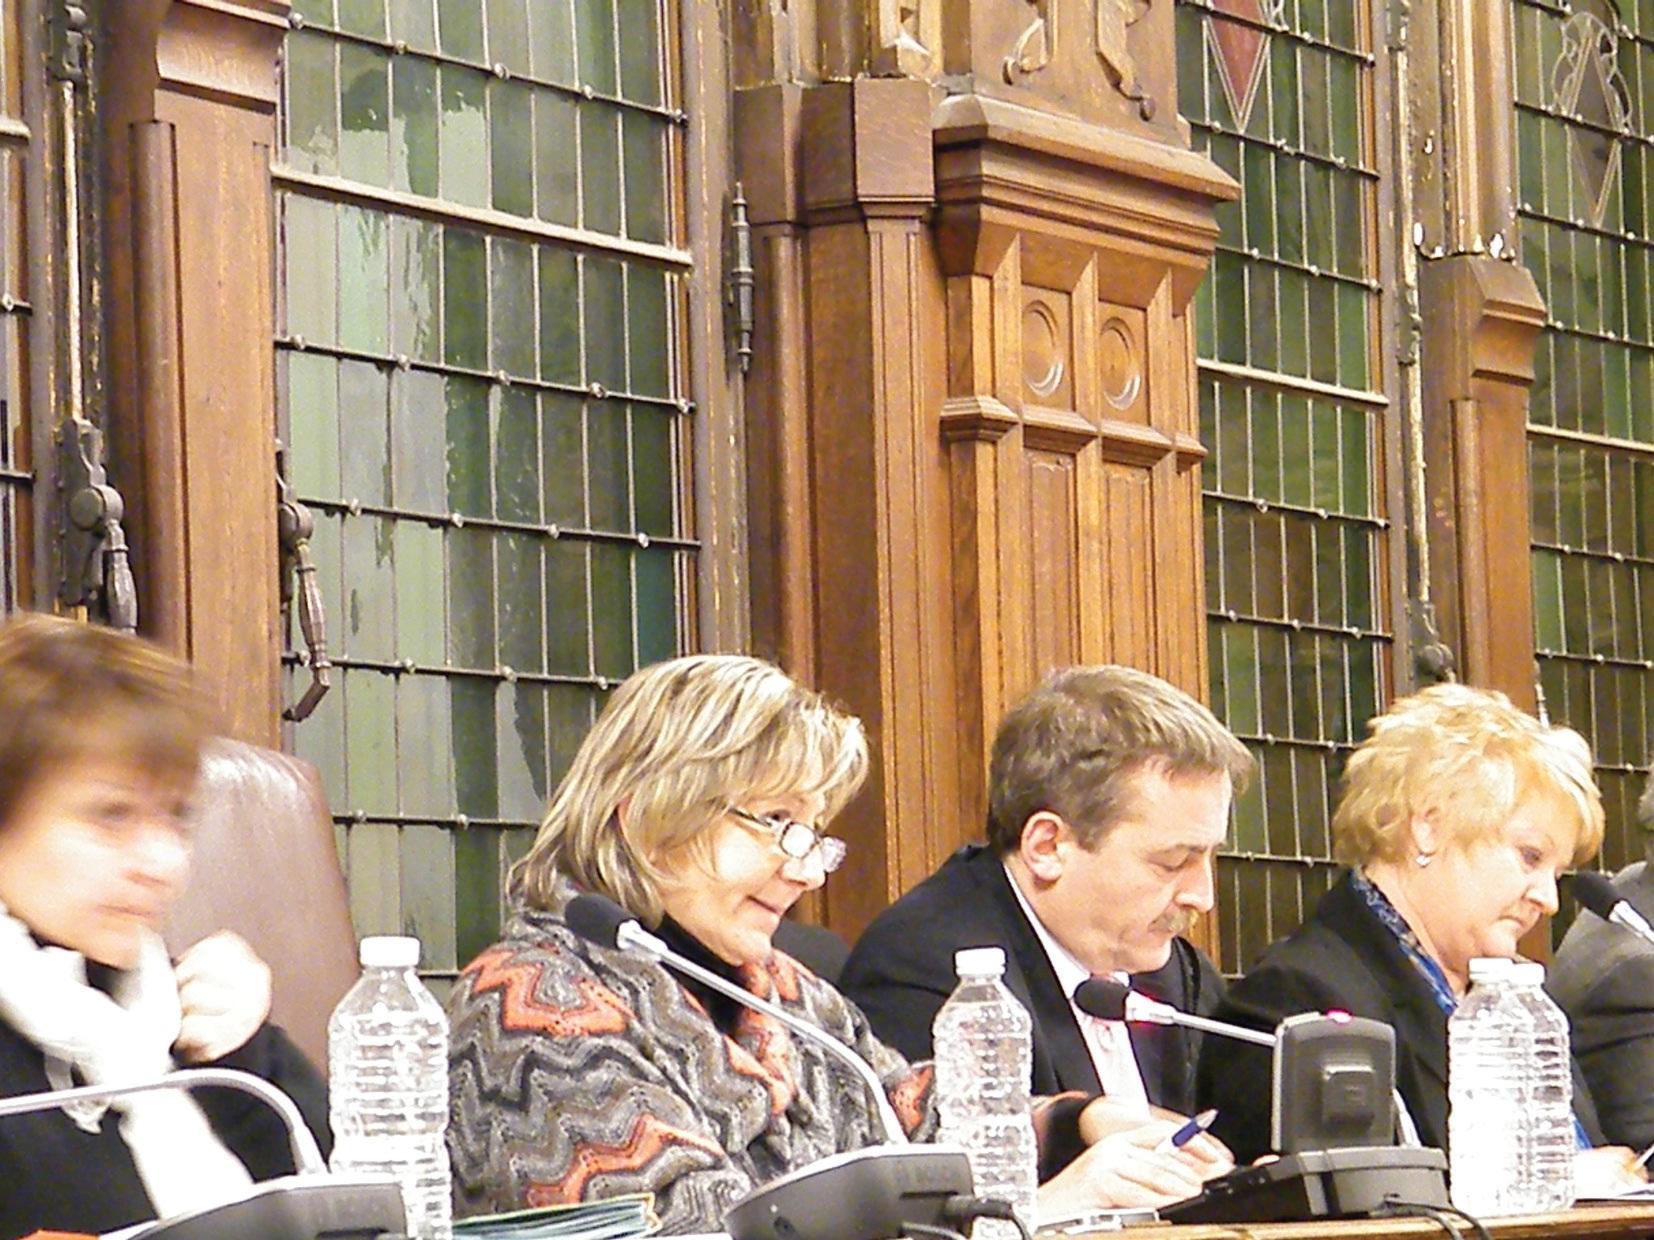 Conseil municipal agité lors du débat d'orientation budgétaire.